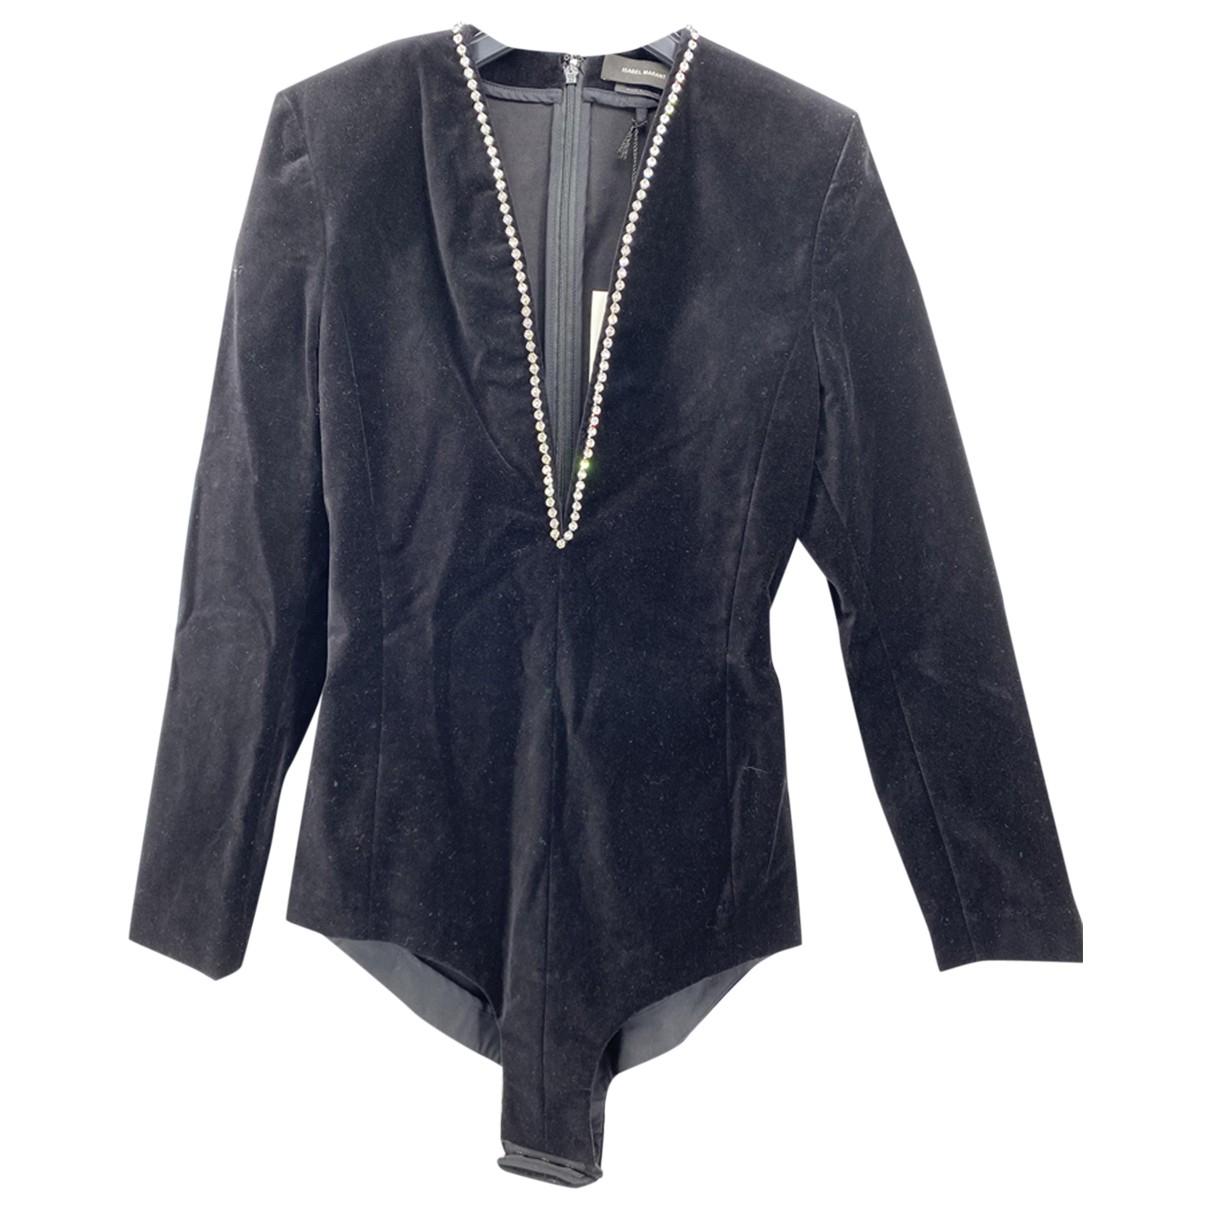 Isabel Marant N Black Cotton  top for Women 36 FR